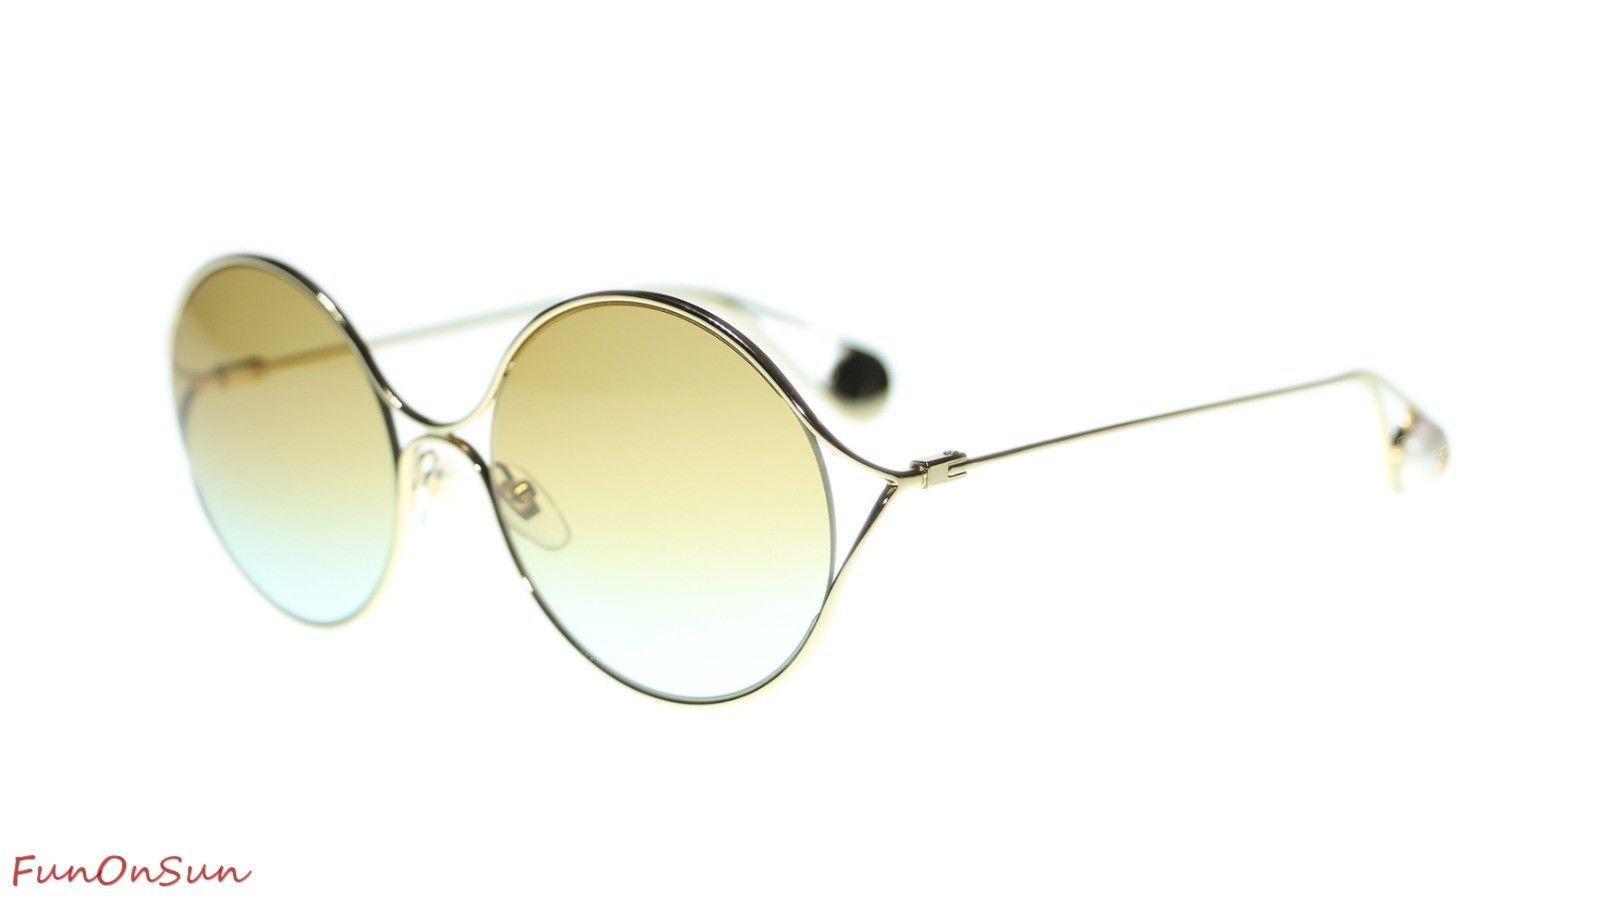 ffe06eb1469 10. 10. Previous. Gucci Women s Sunglasses GG0253S 005 Gold Multicolor  Gradient Lens Round 58mm. Gucci Women s Sunglasses GG0253S ...